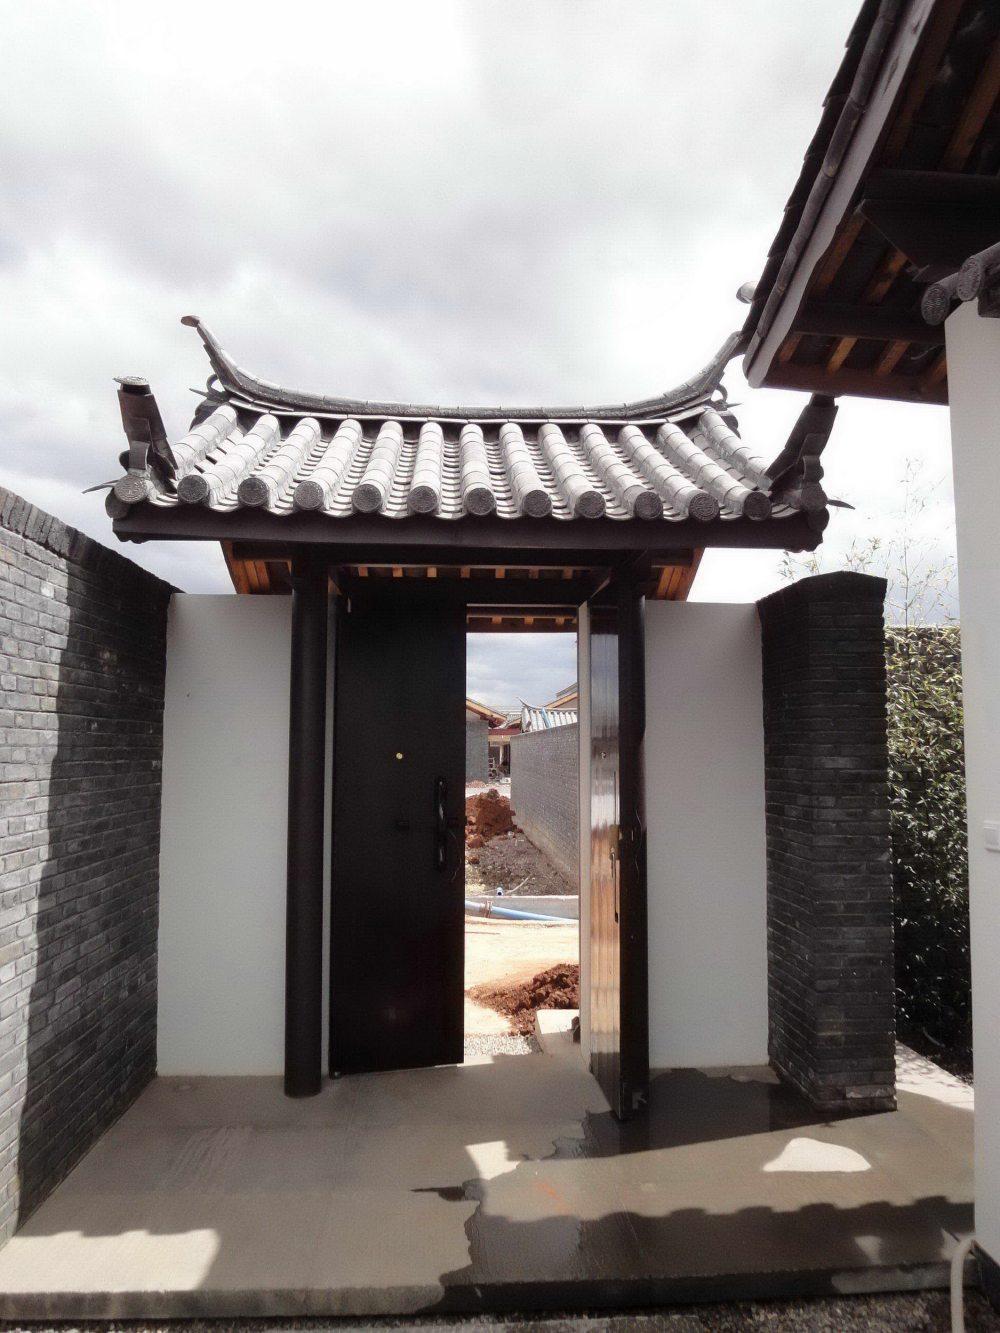 云南丽江铂尔曼渡假酒店(Lijiang Pullman Hotel)(CCD)(第8页更新)_DSC05156.jpg